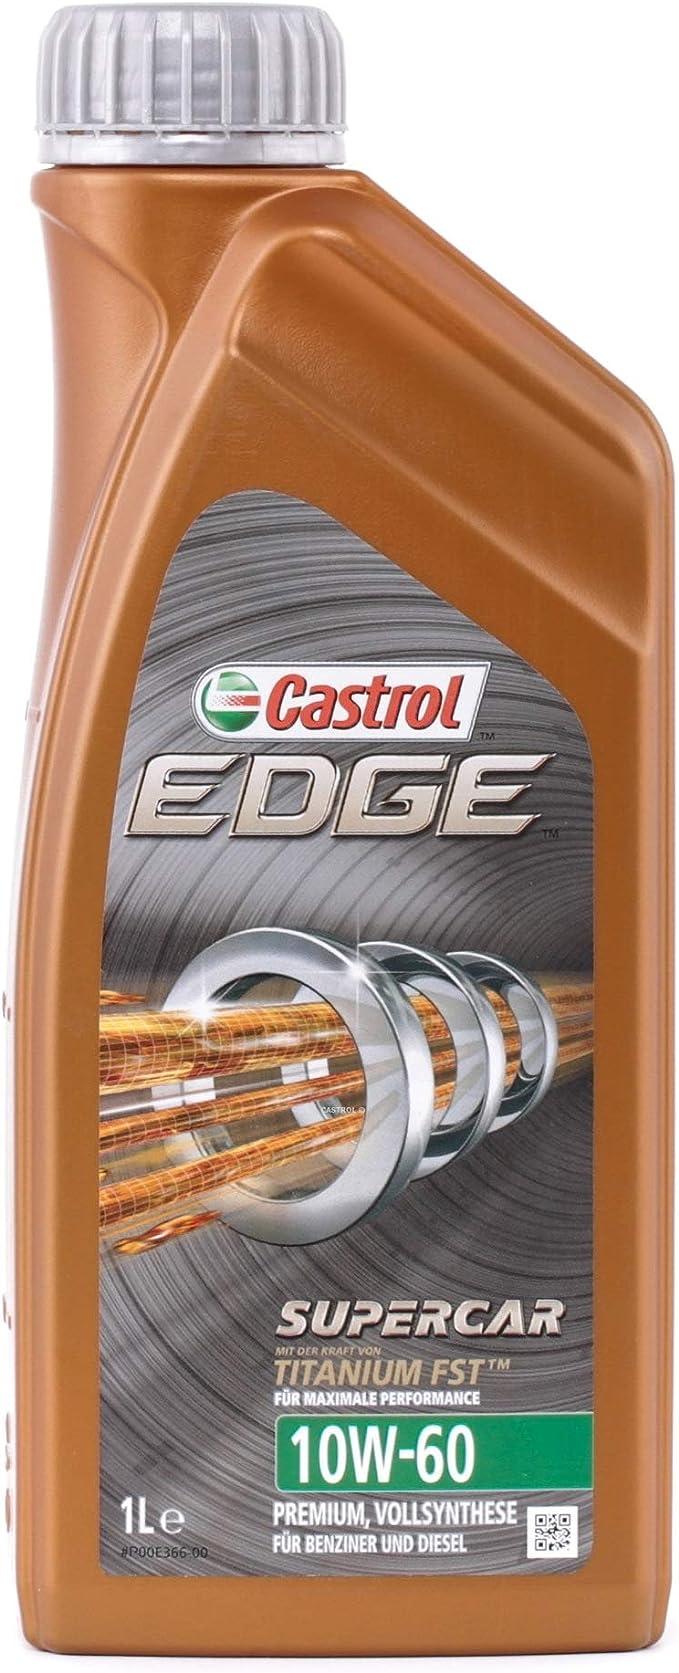 Castrol 1595cc Edge Supercar 10w 60 1l Auto